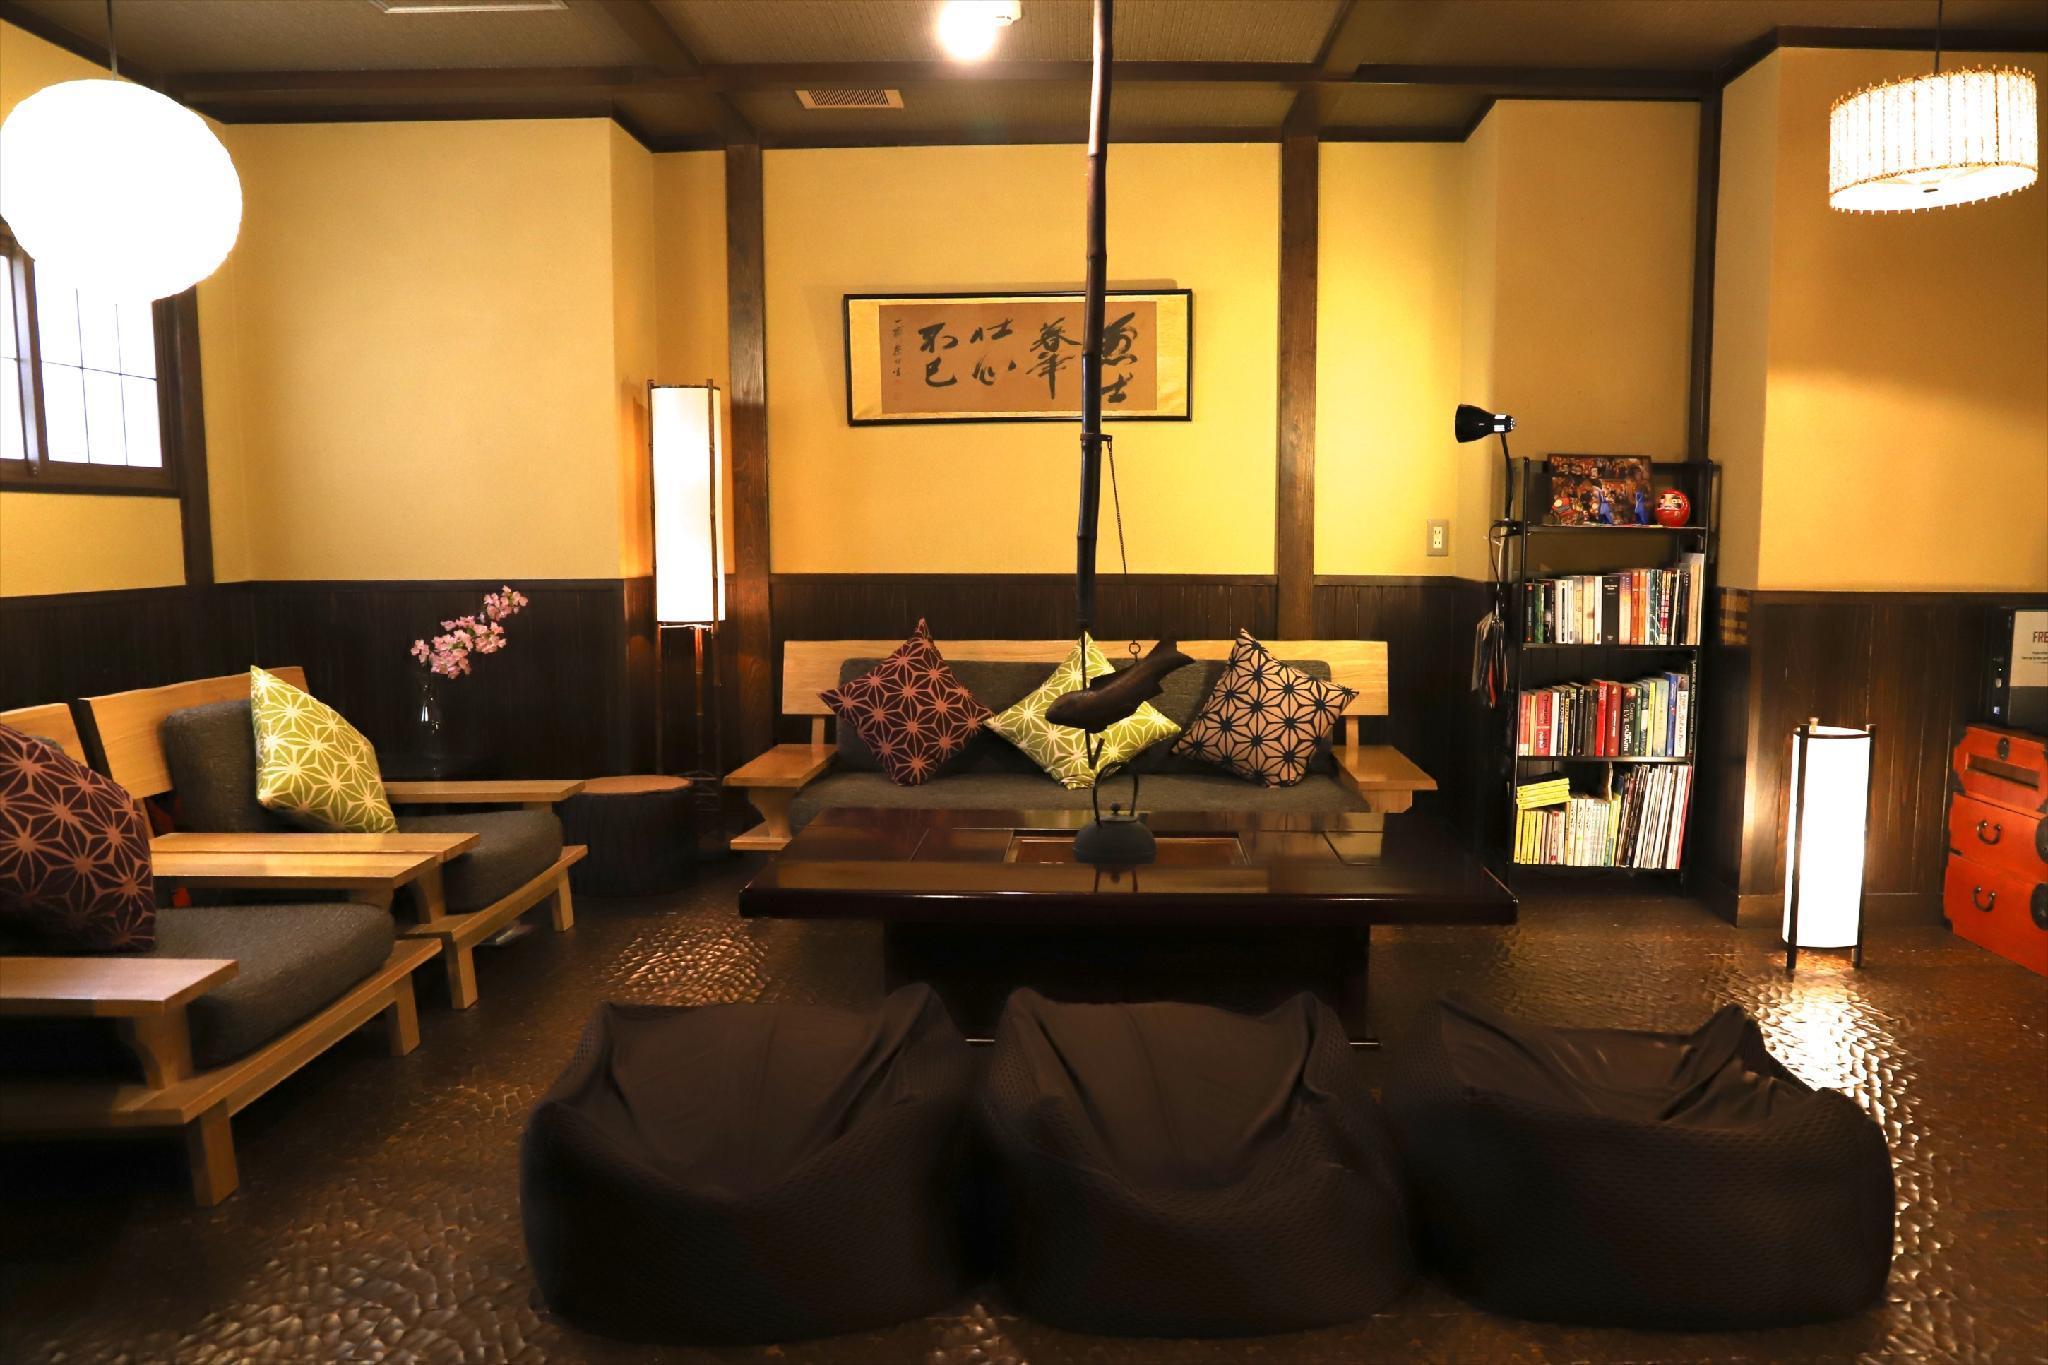 K's House Takayama - Quality Hostel, Takayama